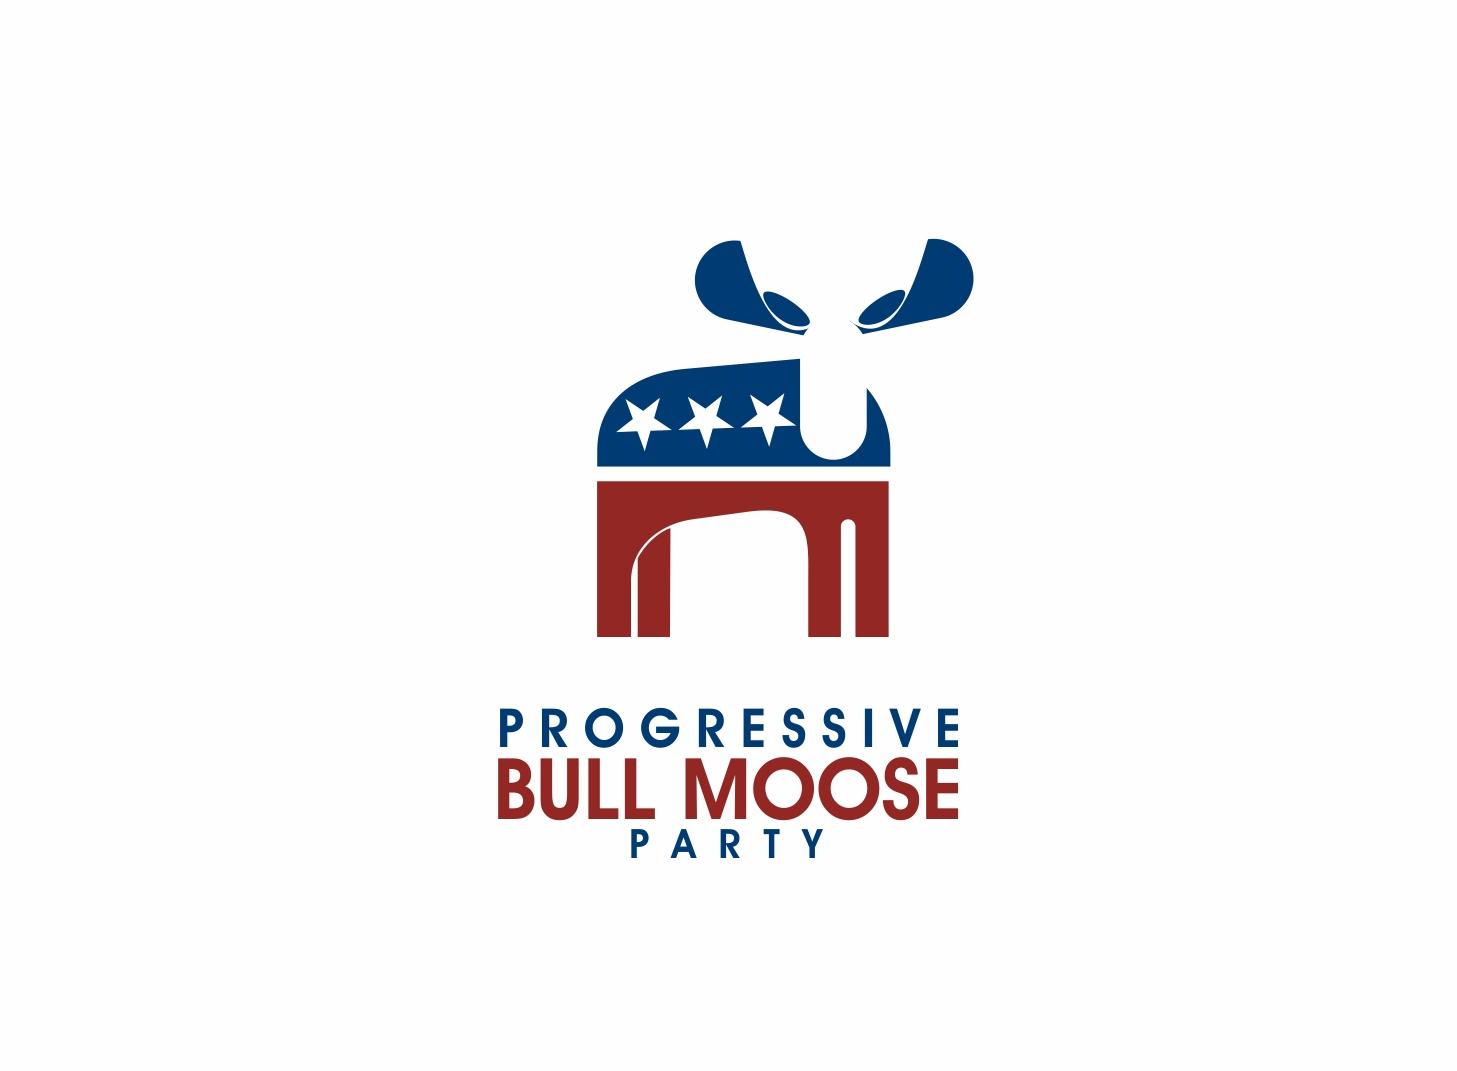 Logo Design by Zdravko Krulj - Entry No. 43 in the Logo Design Contest Progressive Bull Moose Party Logo Design.